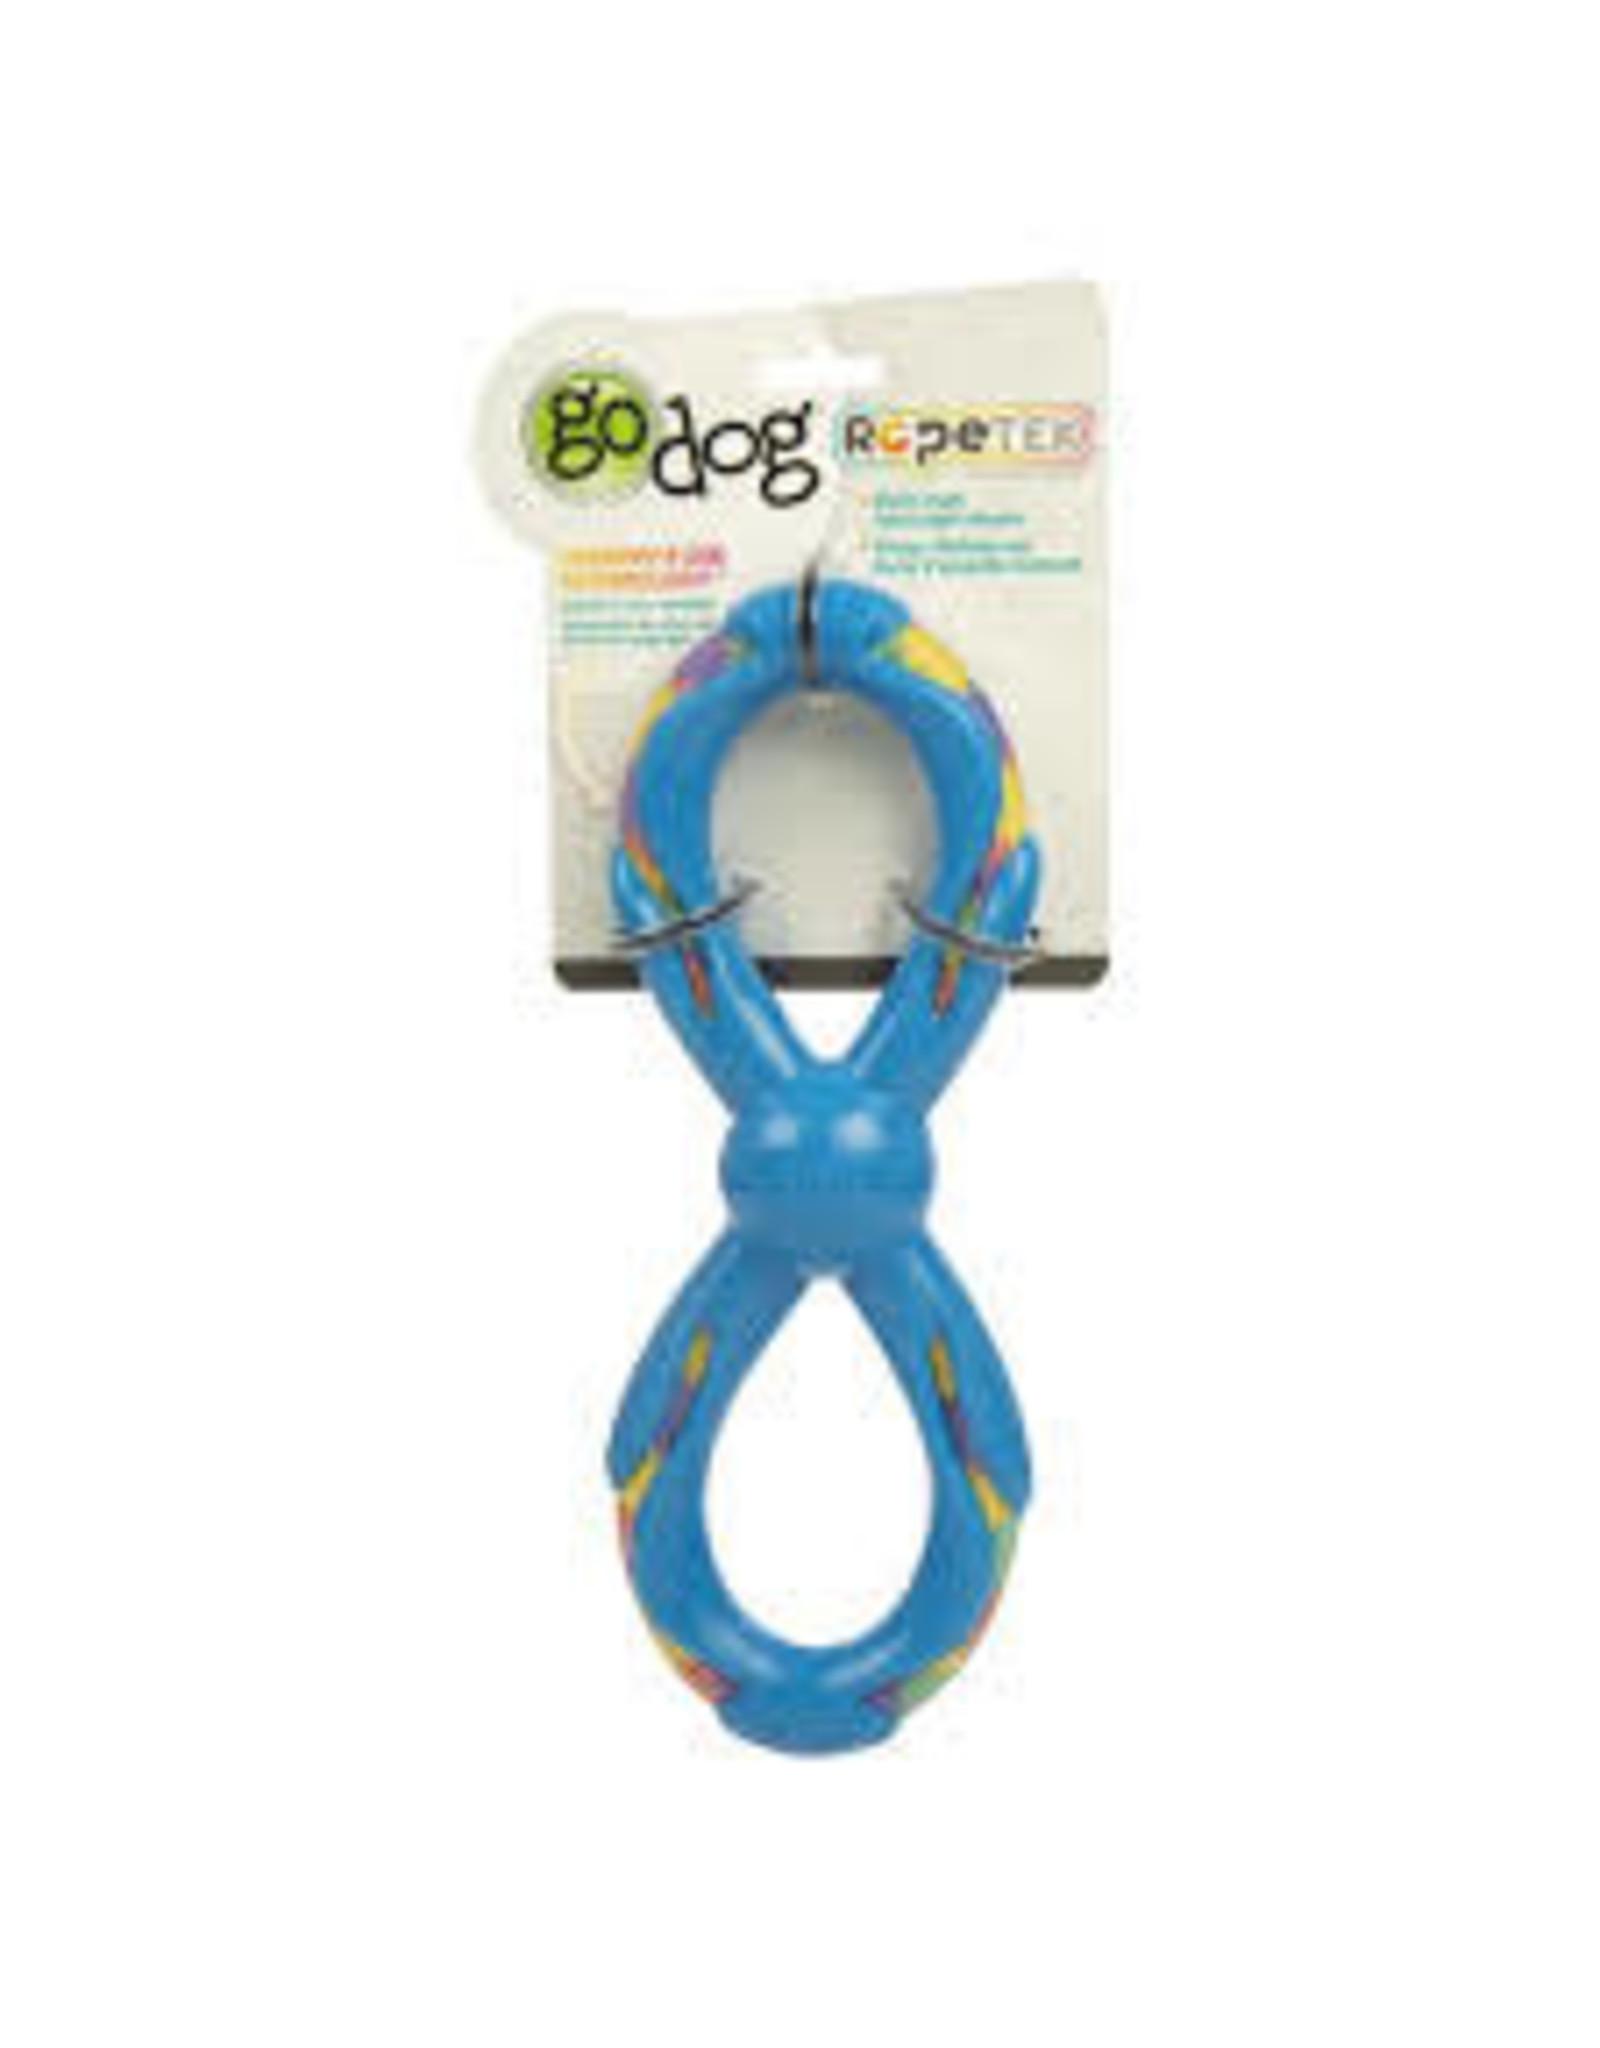 Go Dog Go Dog Rope Tek Figure 8 Rope: Blue, Large